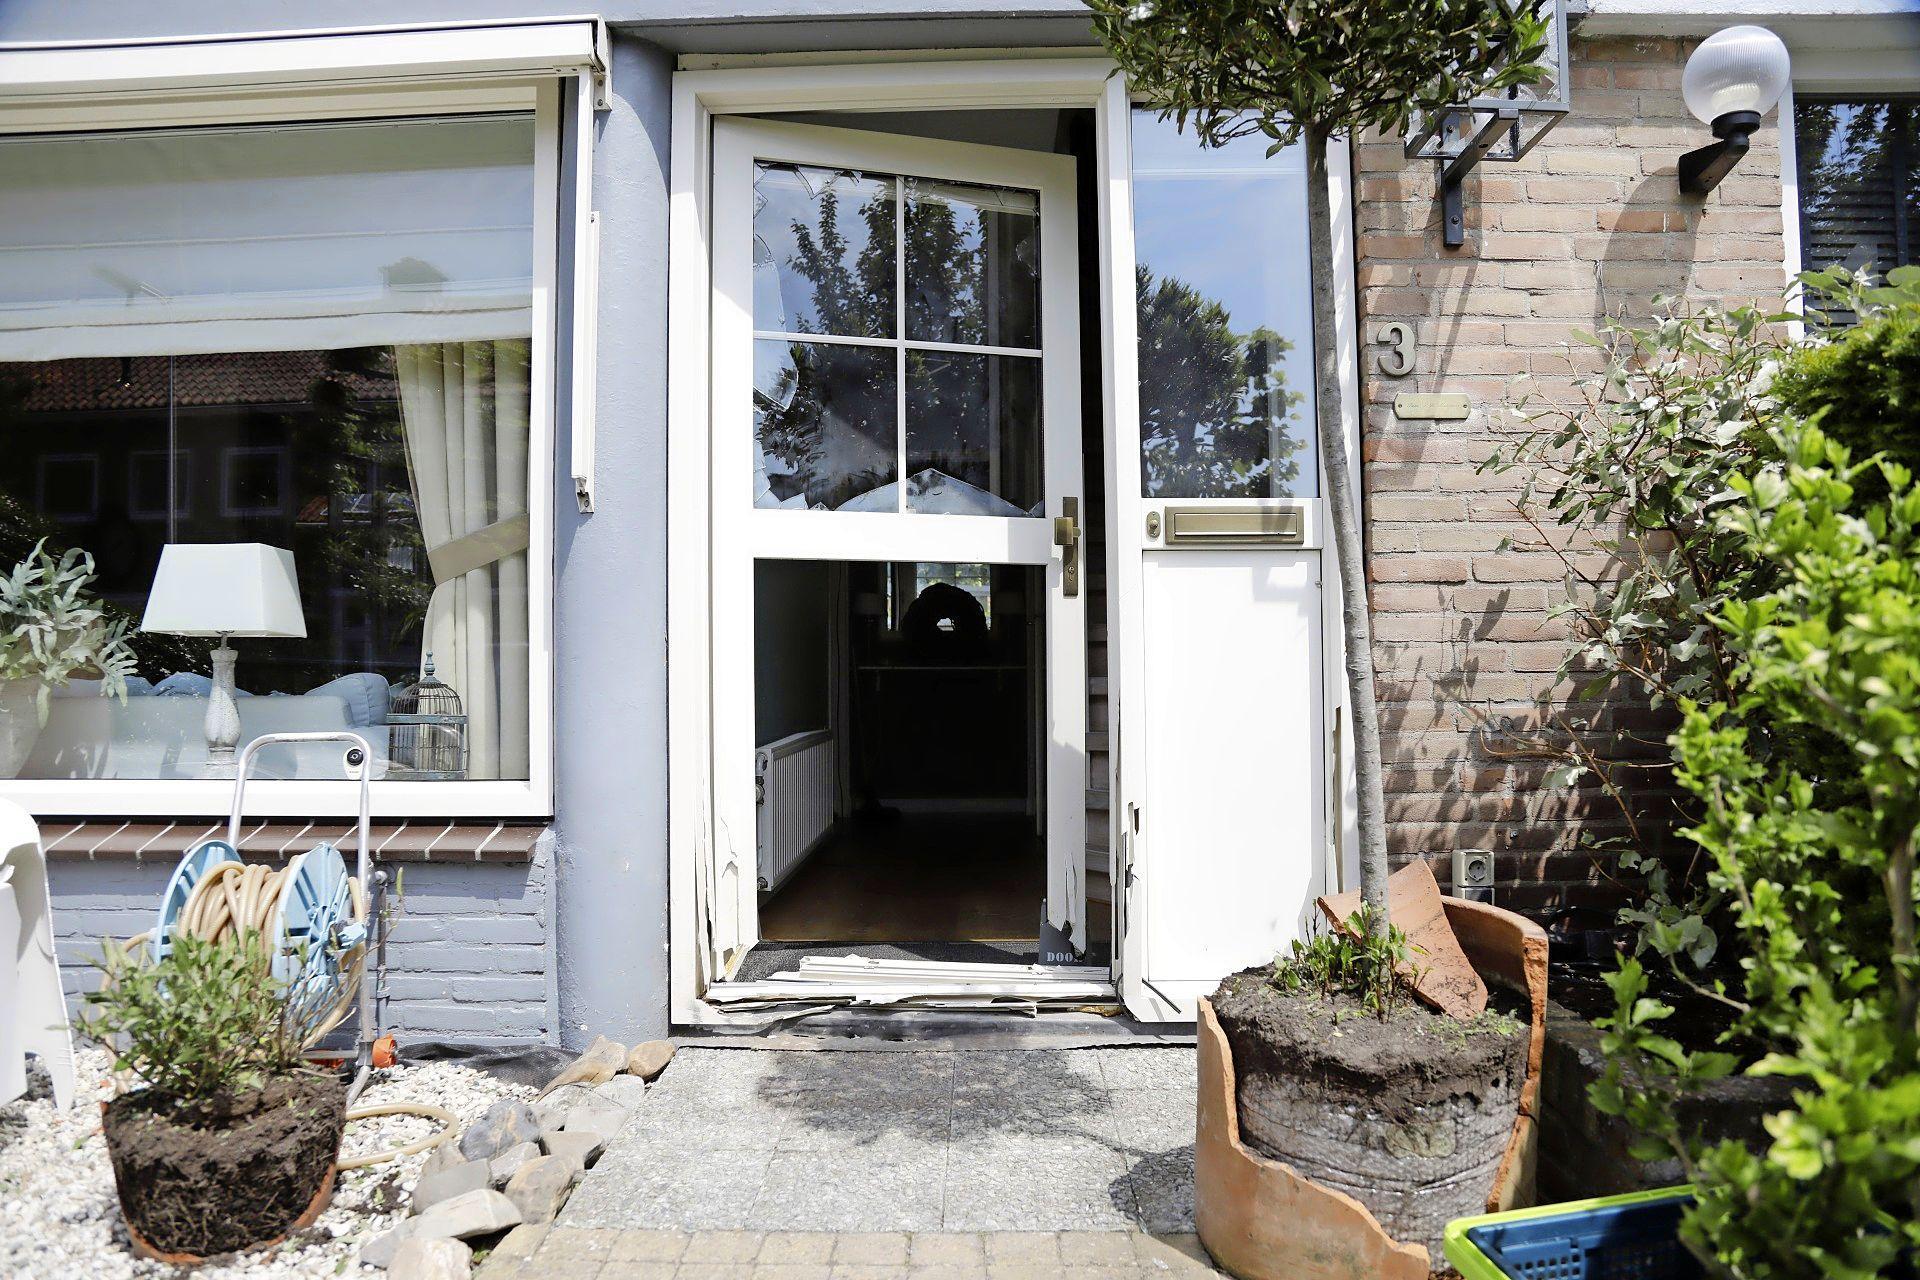 Raadsels rond vuurwerkbom in Bloemenbuurt Bennebroek: 'Ik heb geen vijanden'